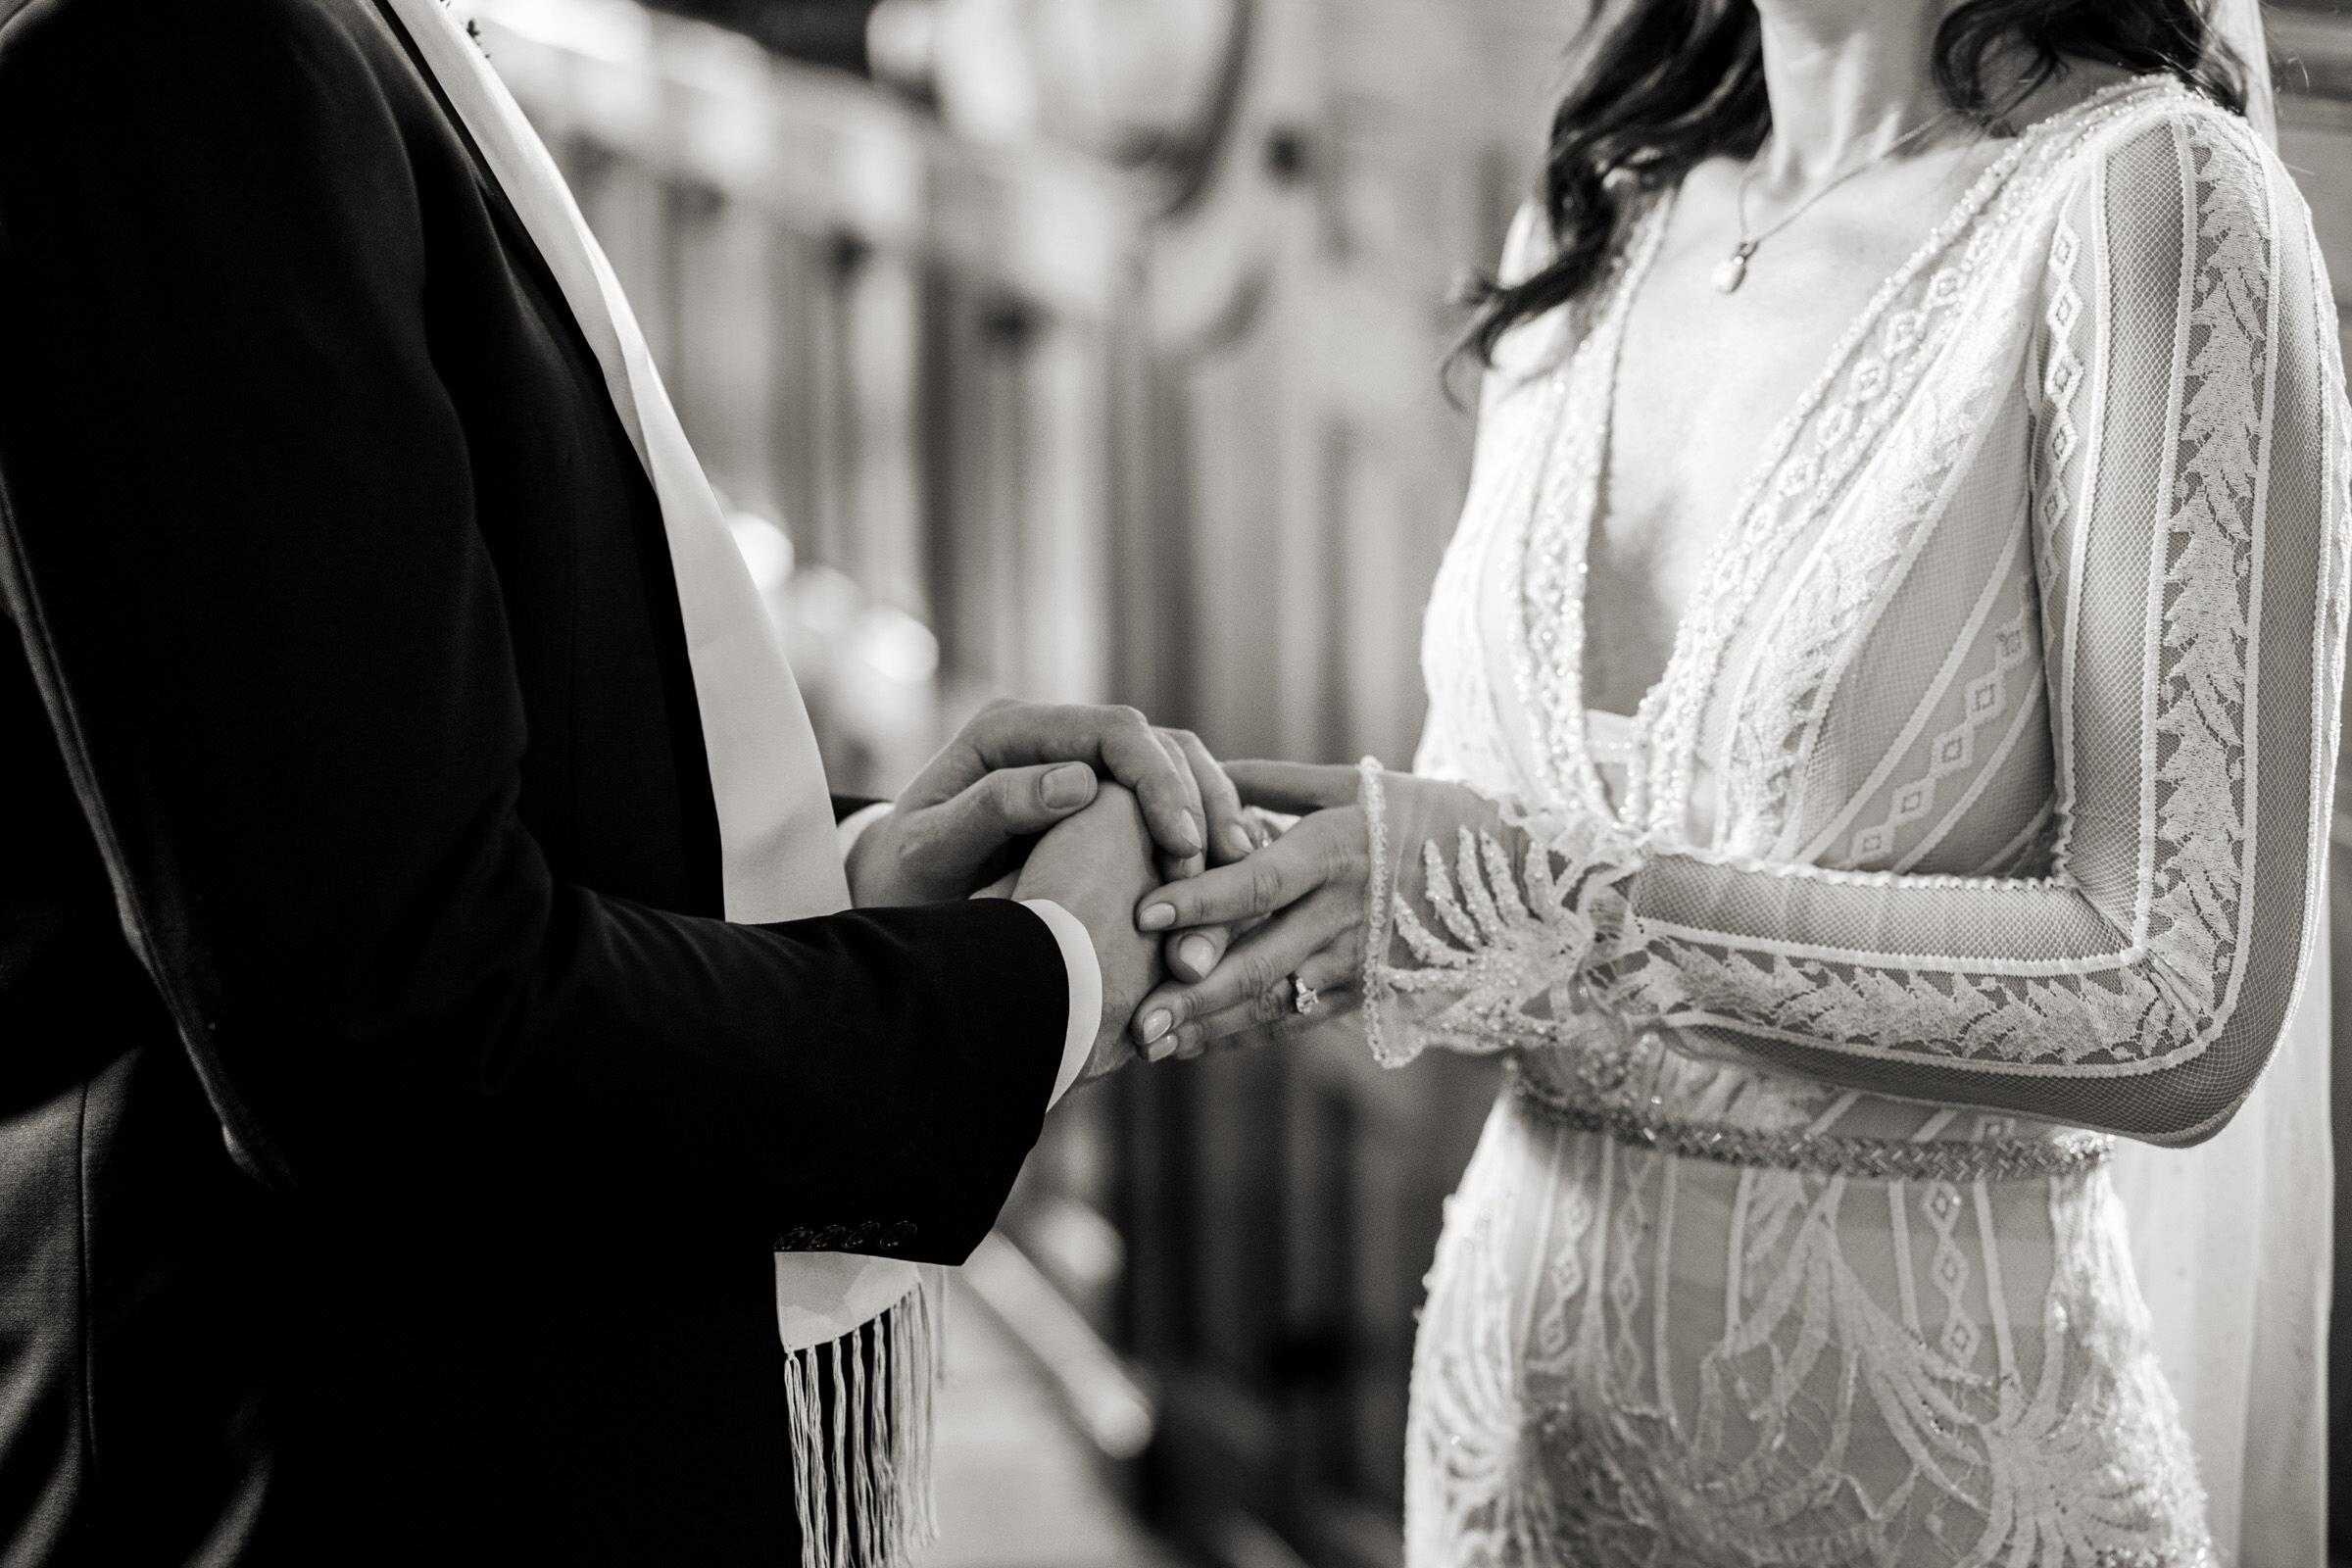 《婚礼》的《《Wii.L》……